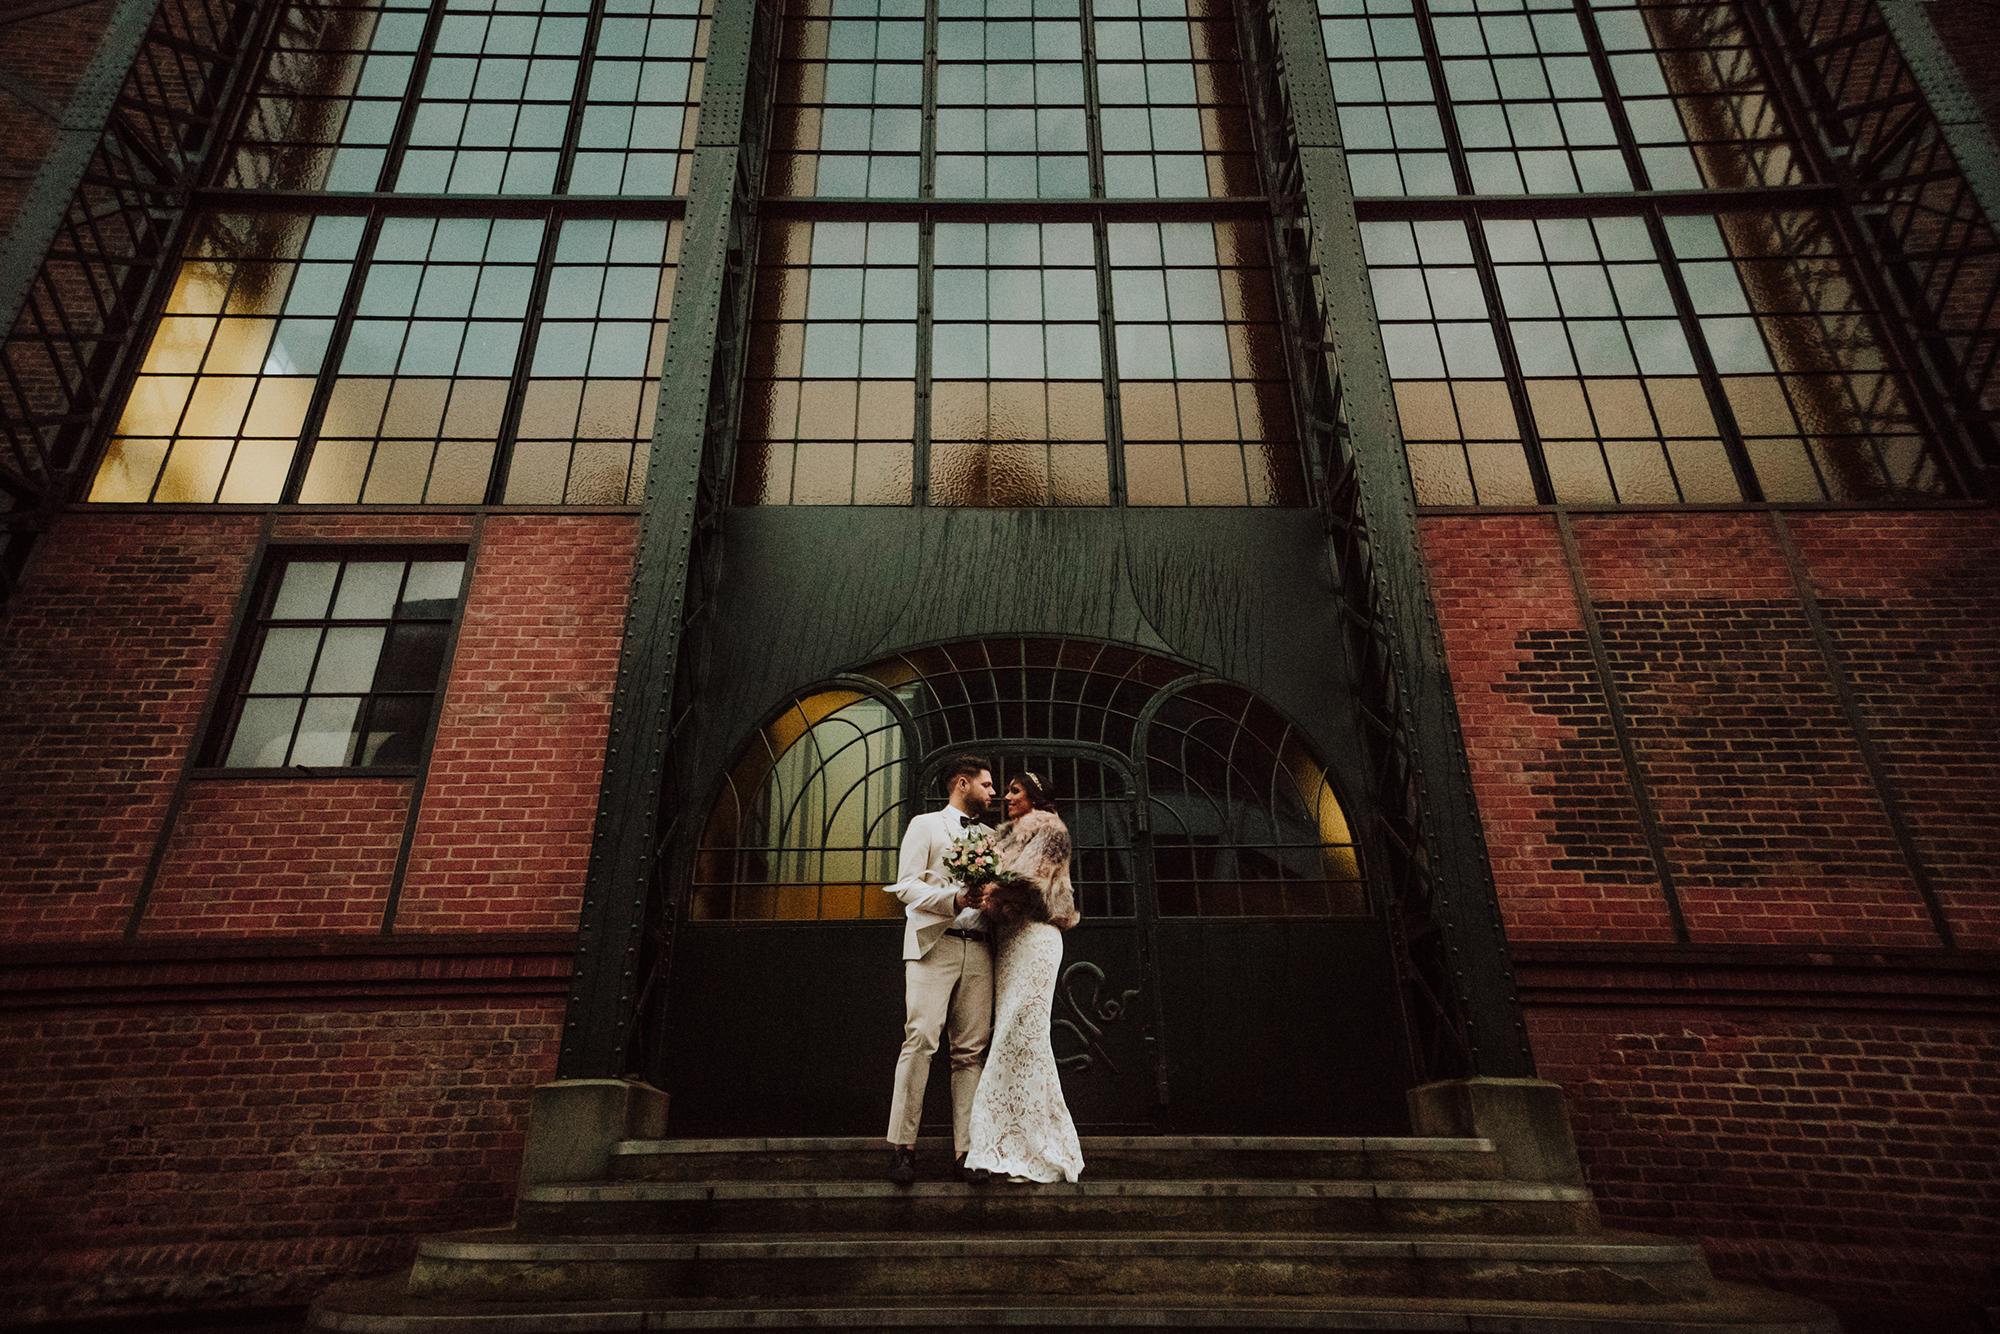 Brautpaar, die vor der Glas-Gebäude sich umarmen.jpg